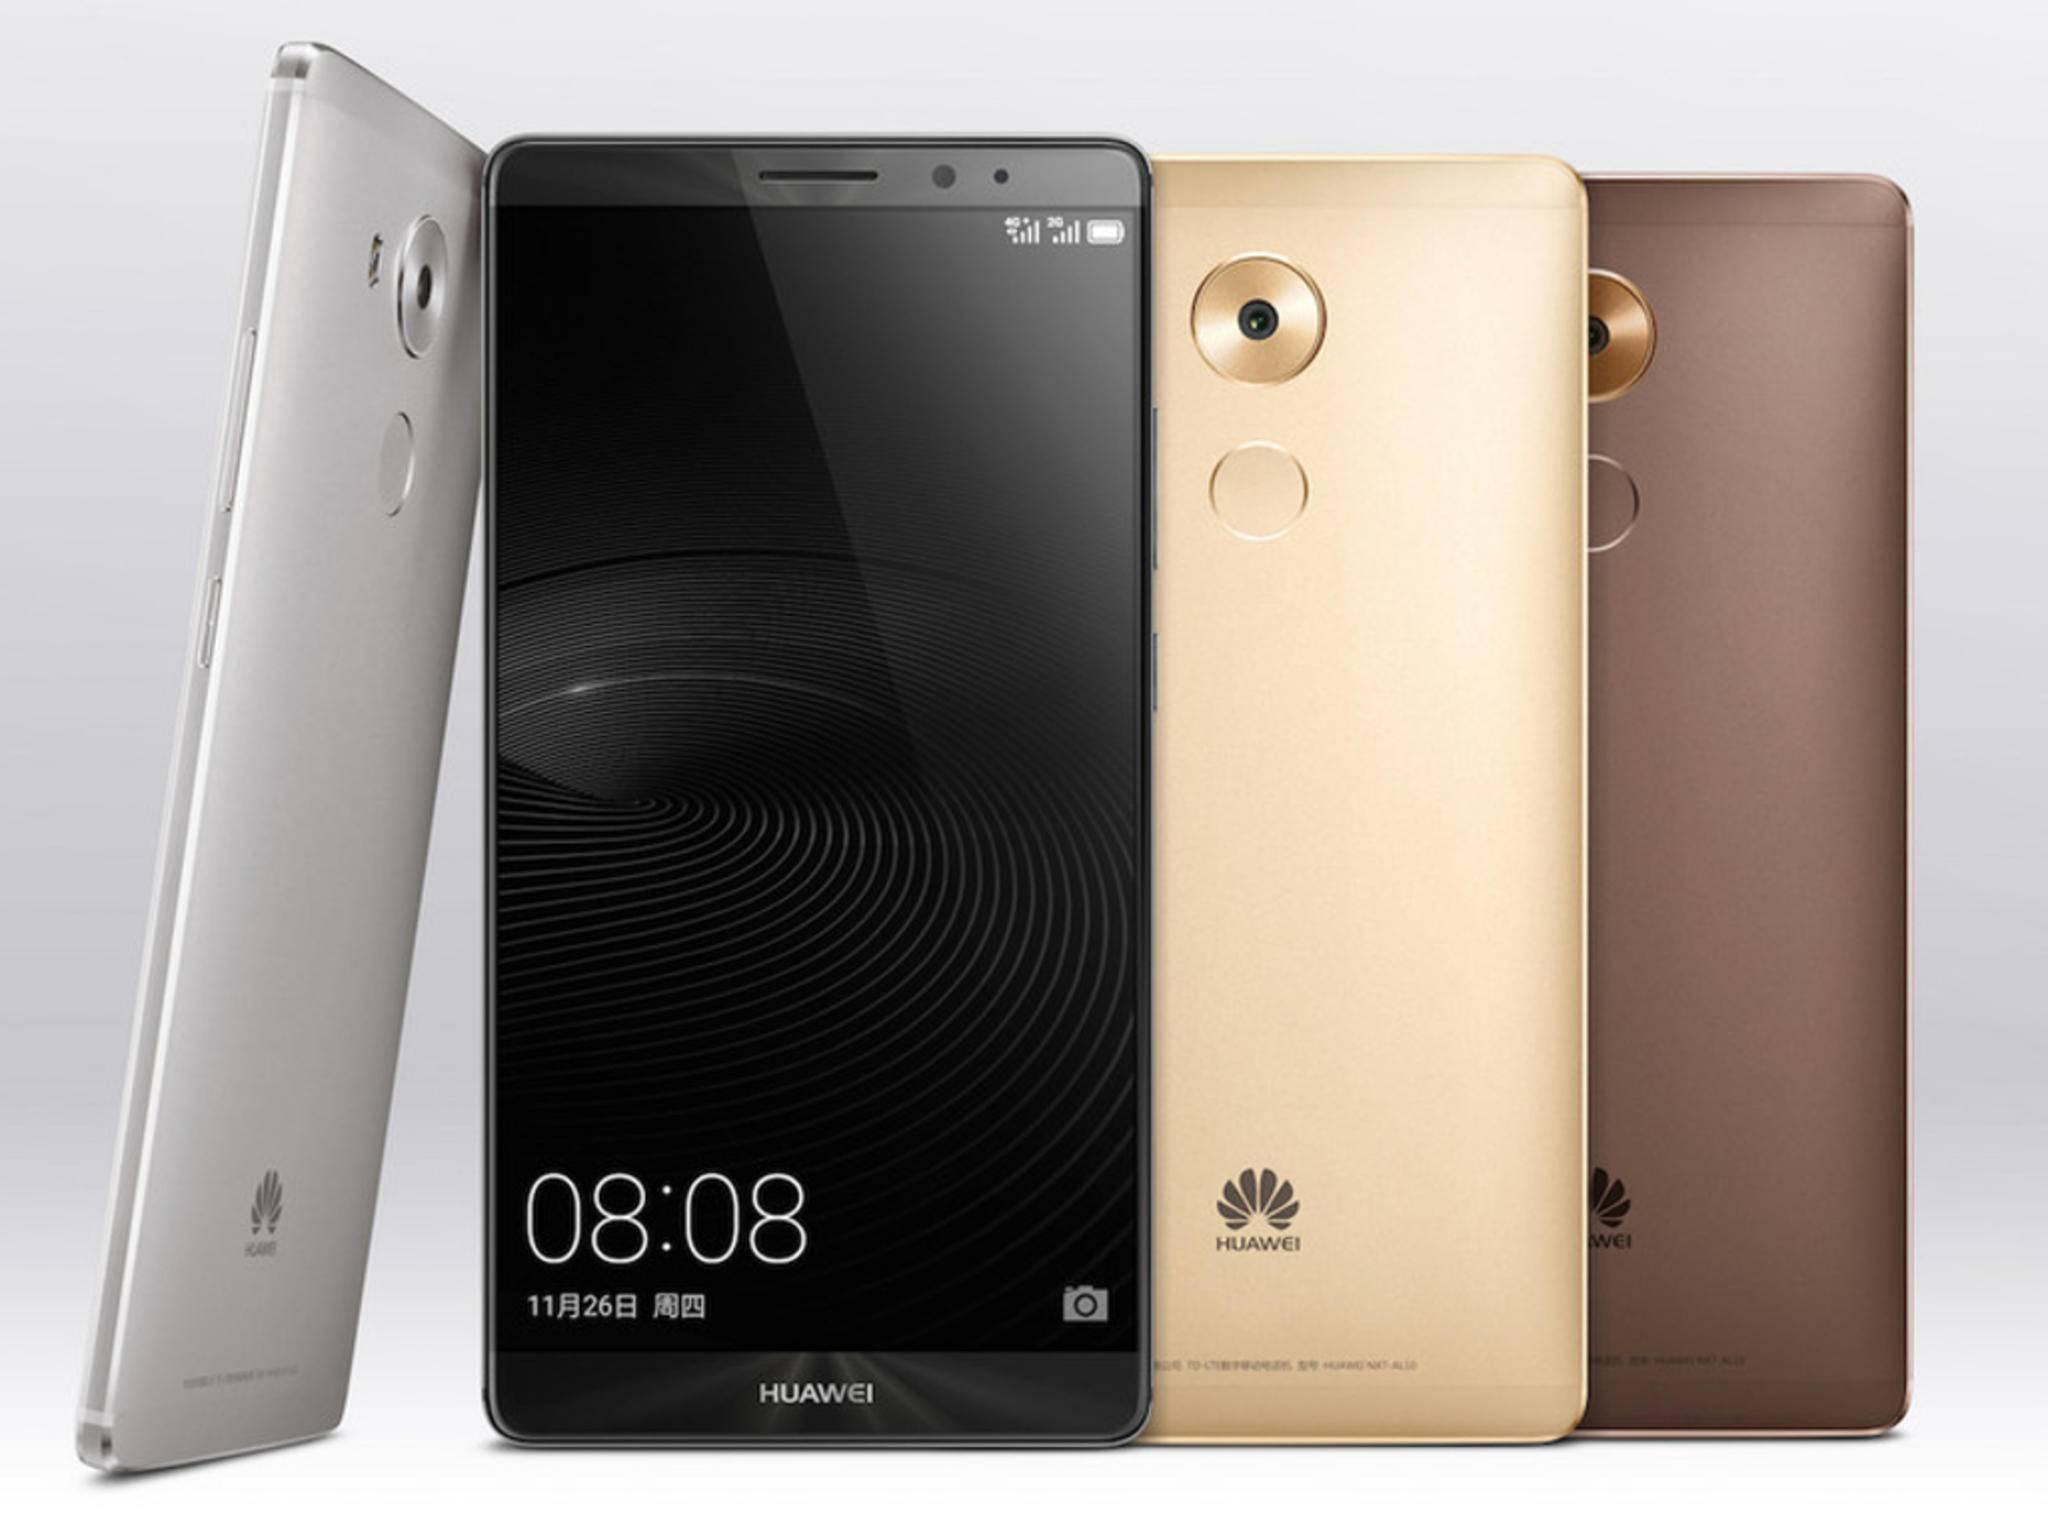 Das Huawei Mate 8 kommt jetzt nach Deutschland.